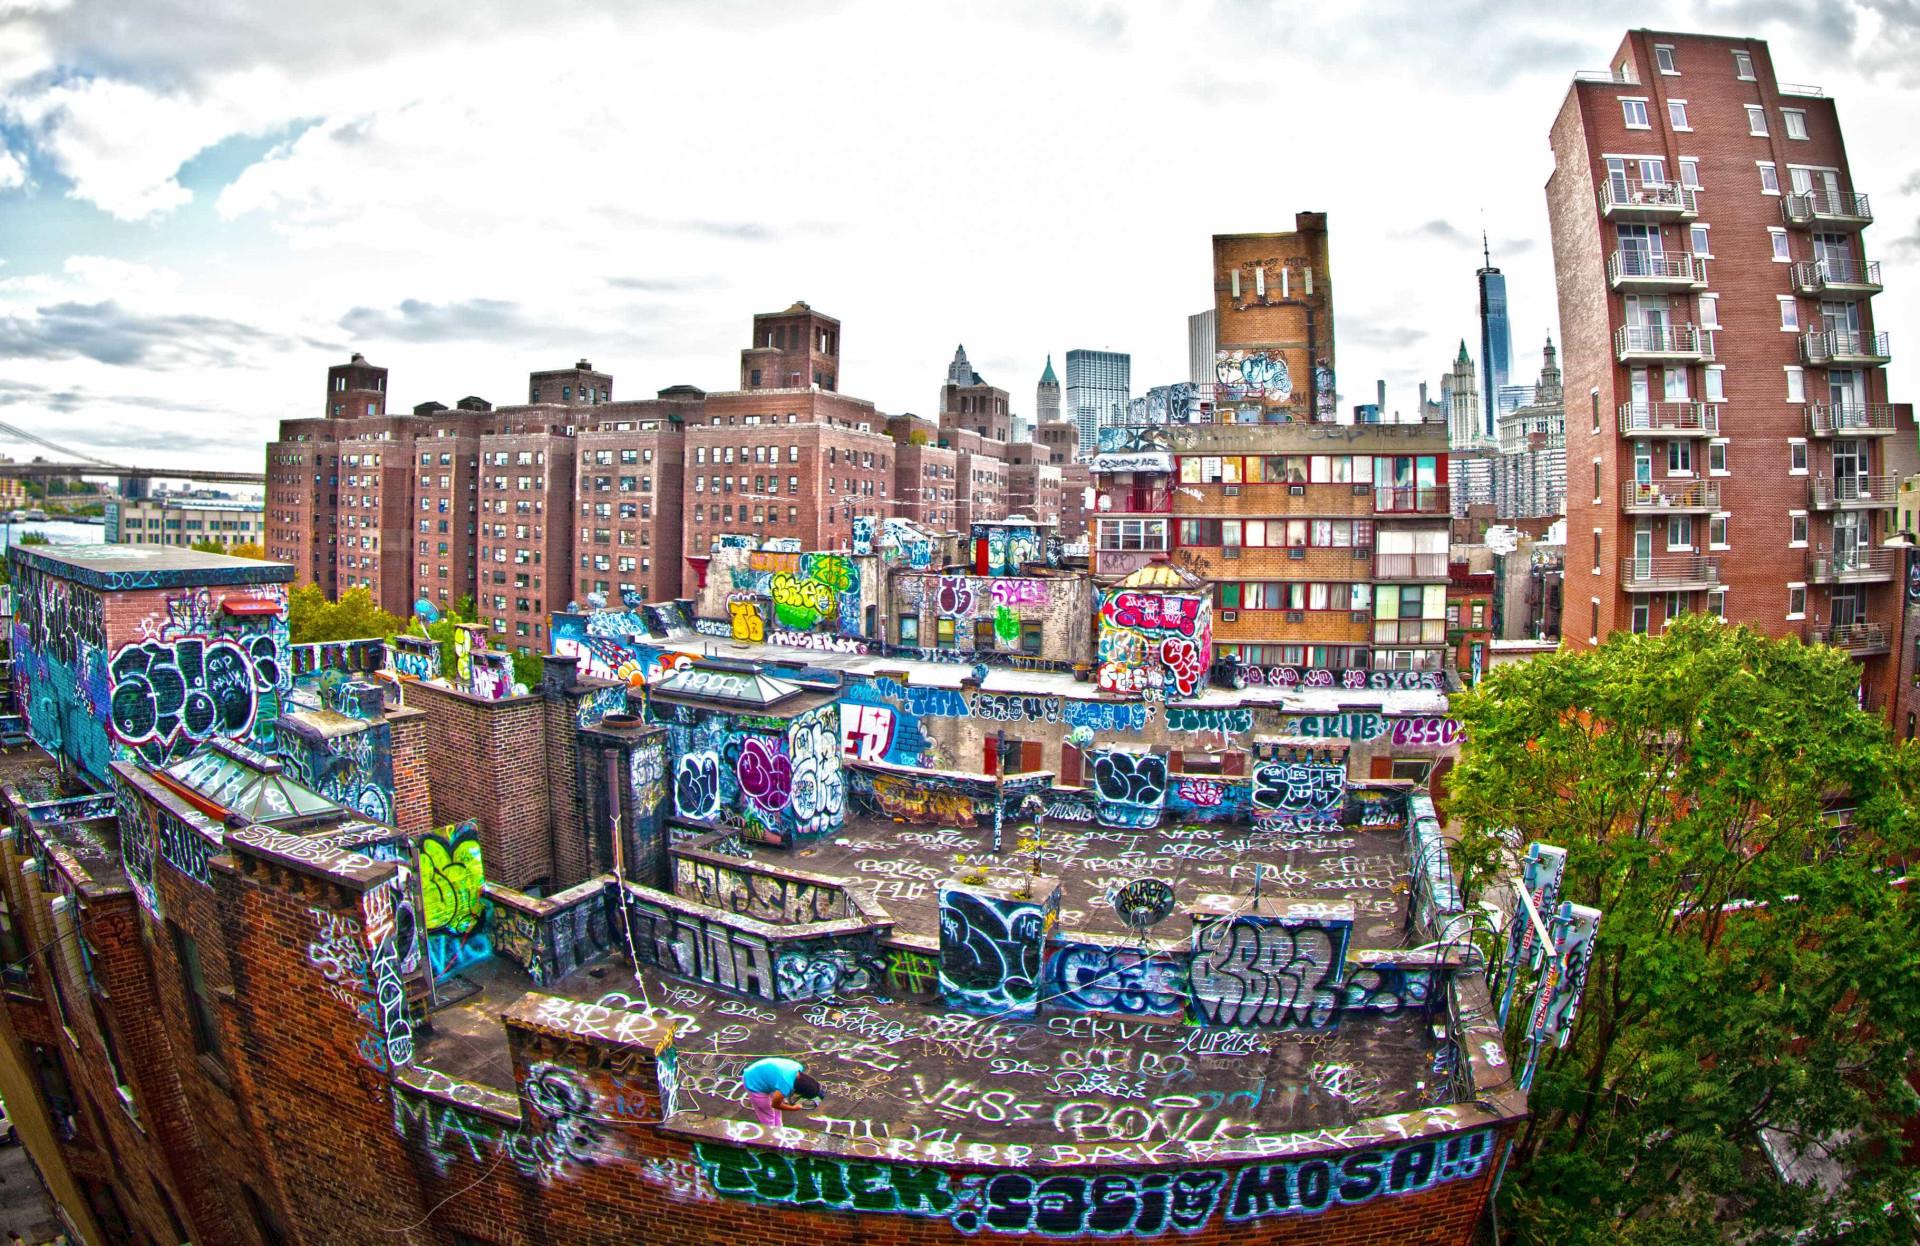 Conheça os melhores locais do mundo para apreciar arte urbana